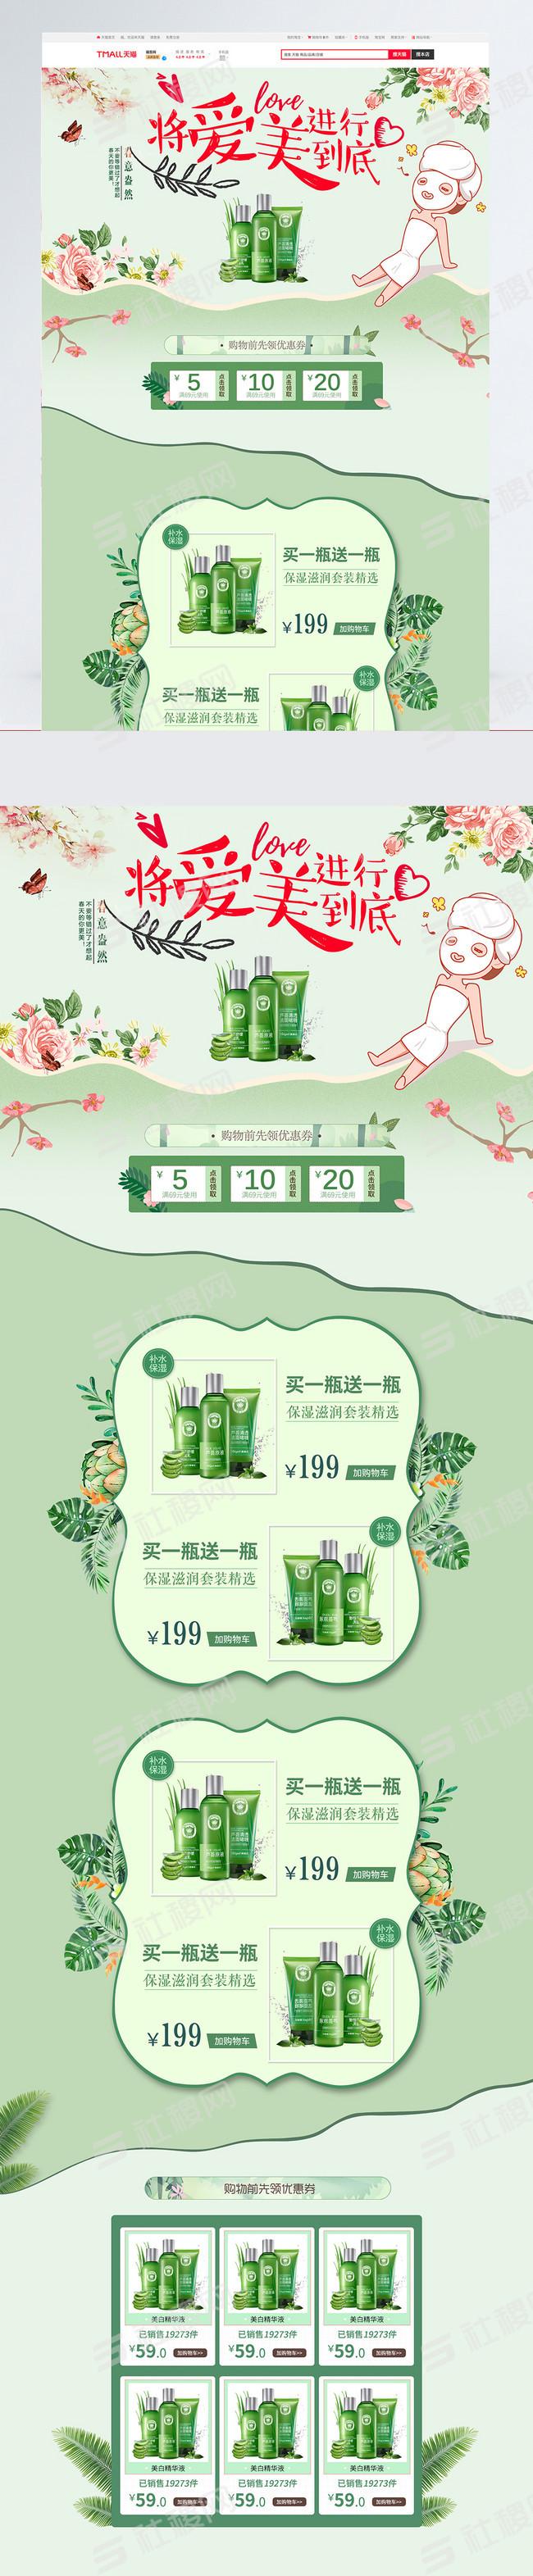 美妆节淘宝首页模板淘宝素材社稷网.jpg